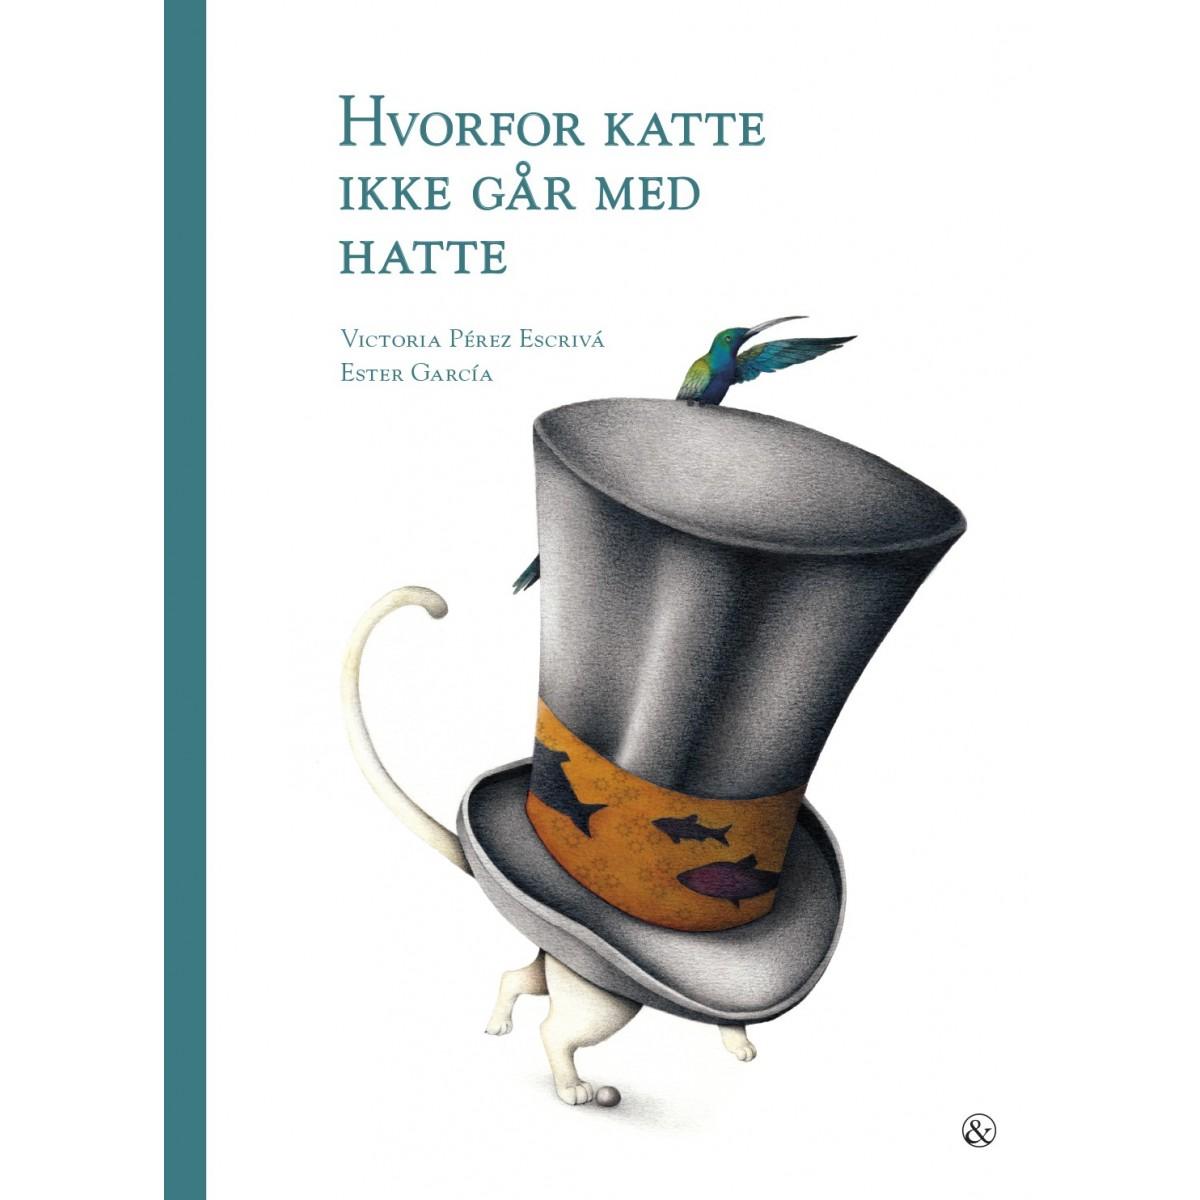 Victoria Pérez Escrivá: Hvorfor katte ikke går med hatte